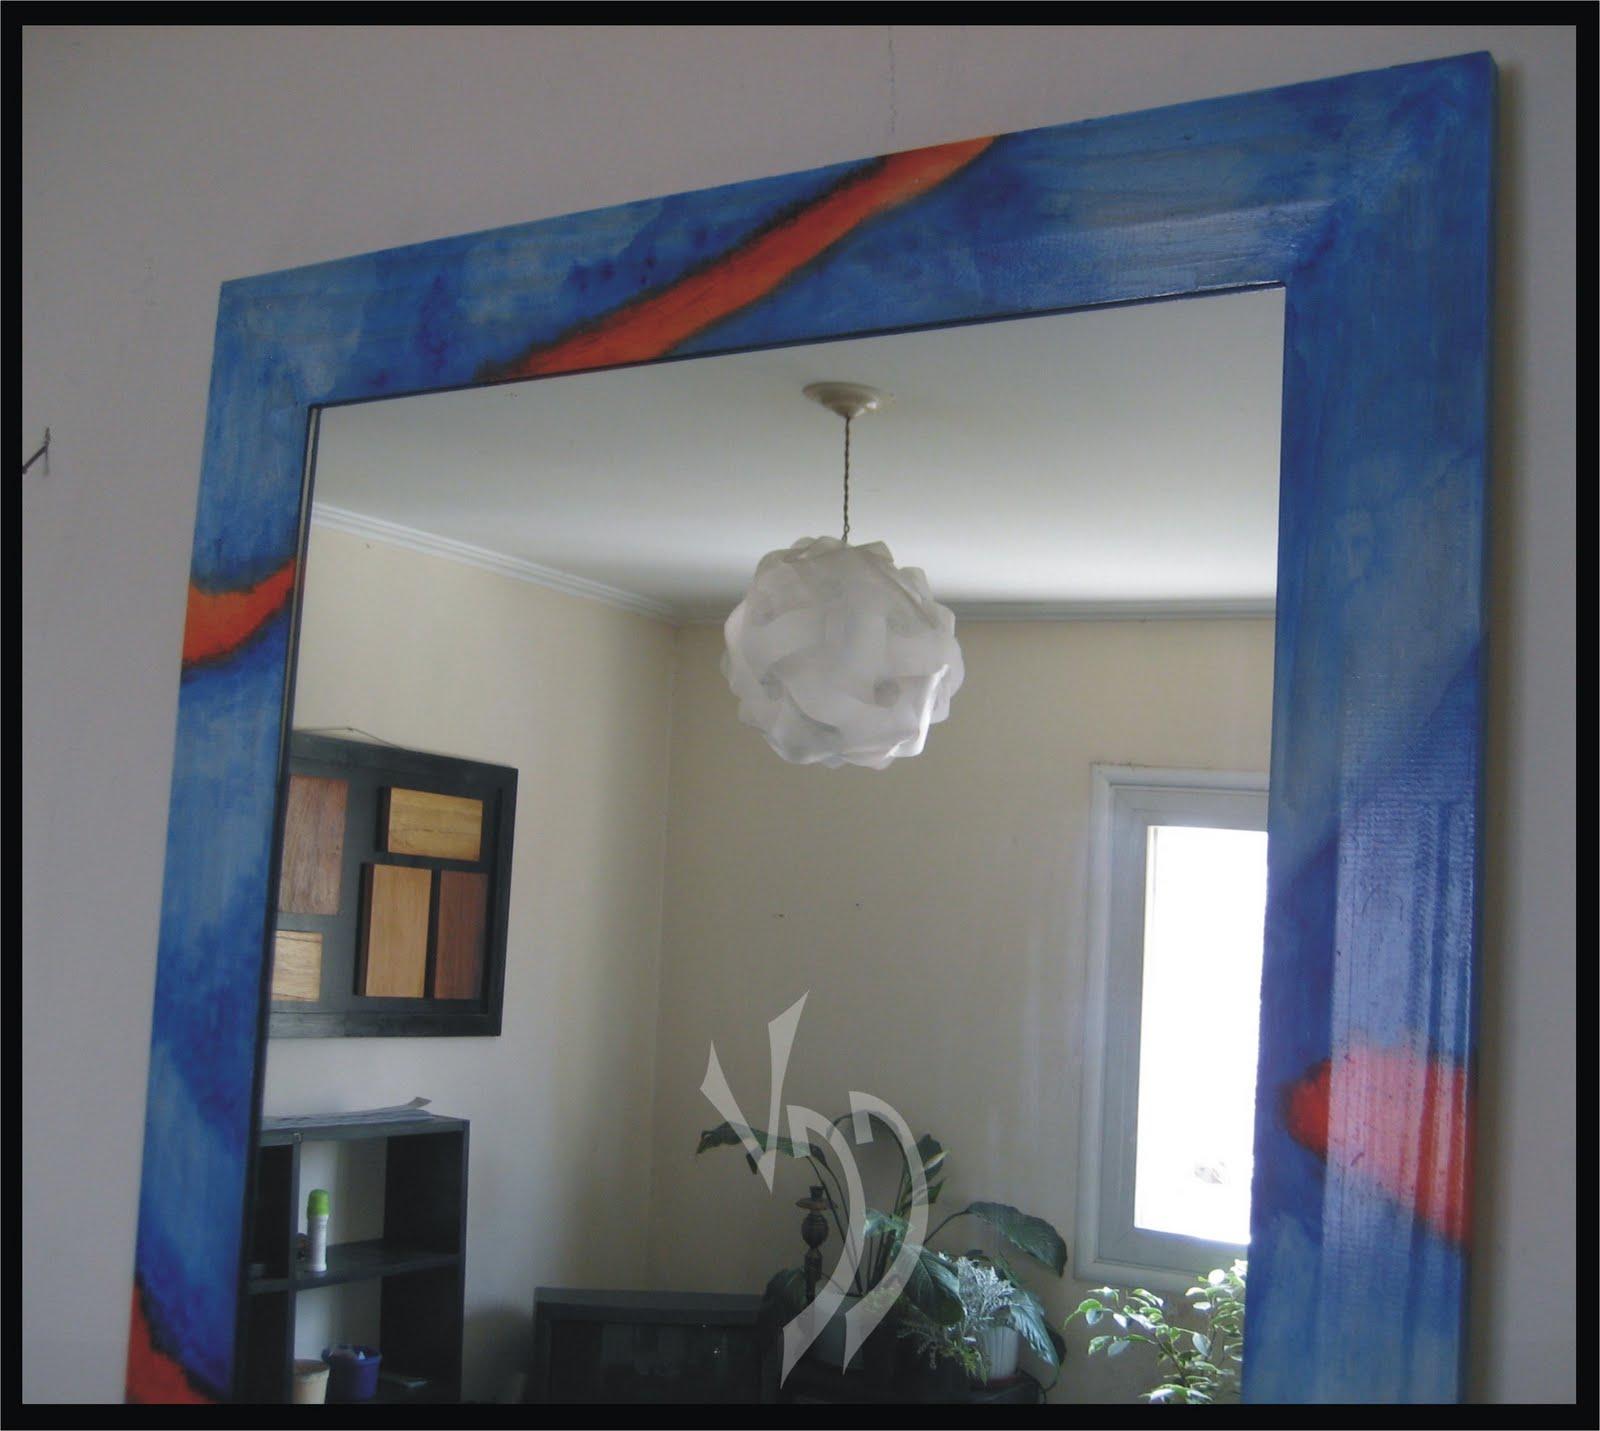 Vddise o interior espejos con marco pintado - Espejos con marco ...